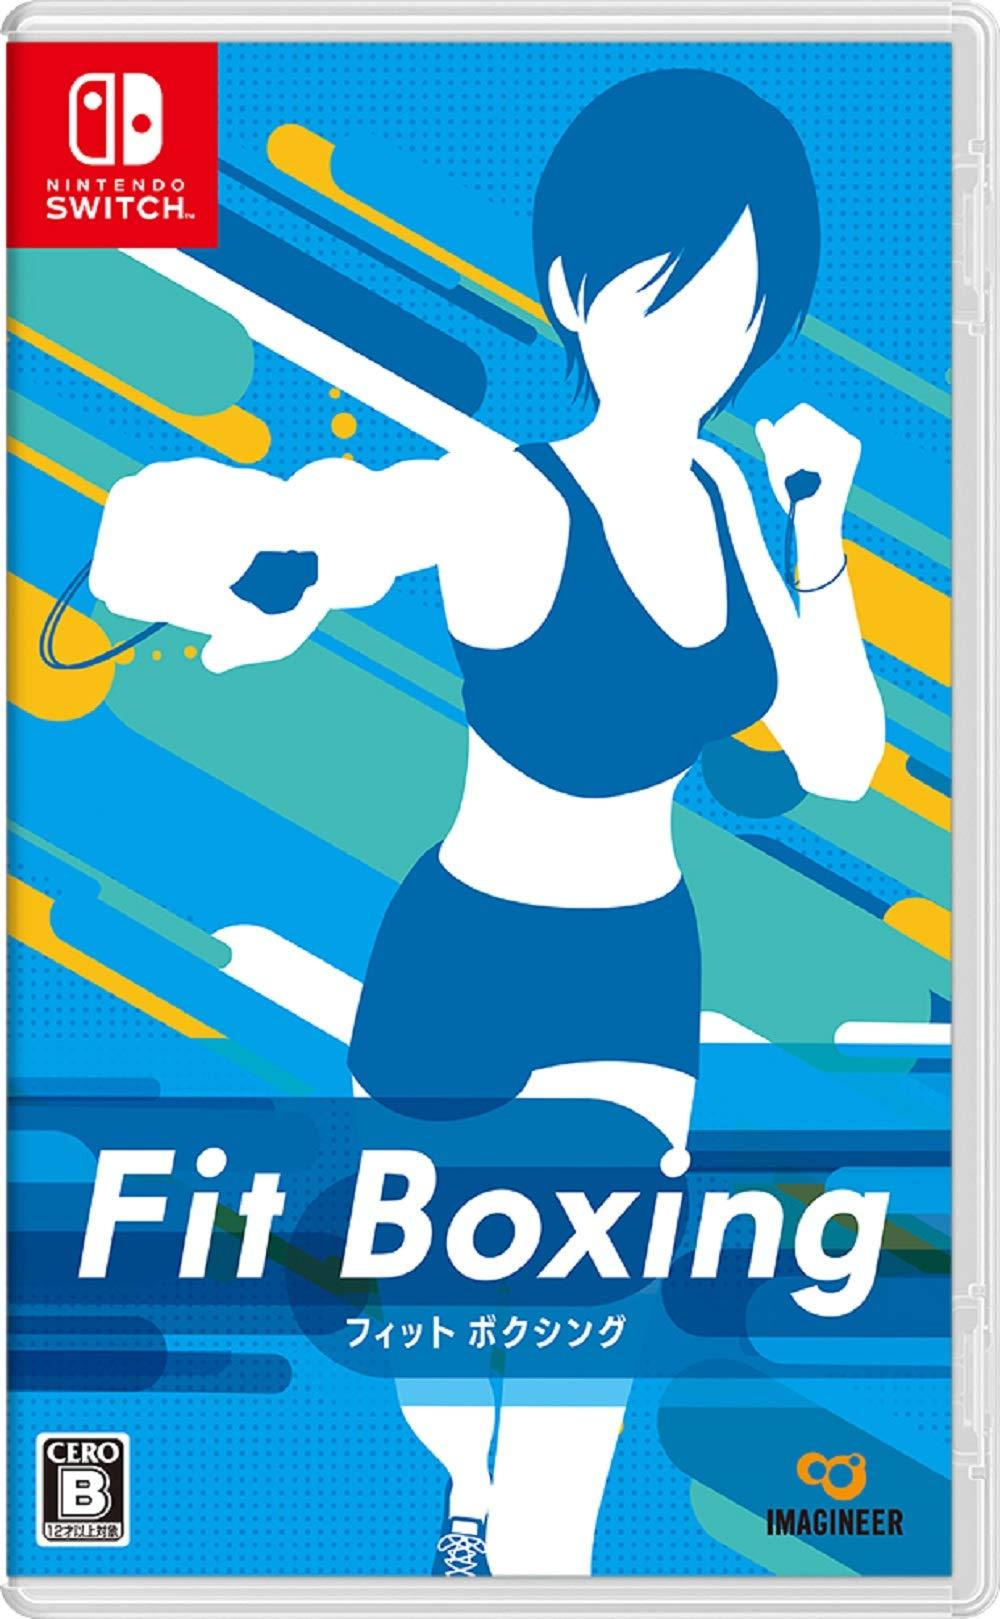 【自宅フィットネス】Nintendo Switchソフト『Fit Boxing』が全世界の累計販売本数70万本を突破!20%OFFセールも